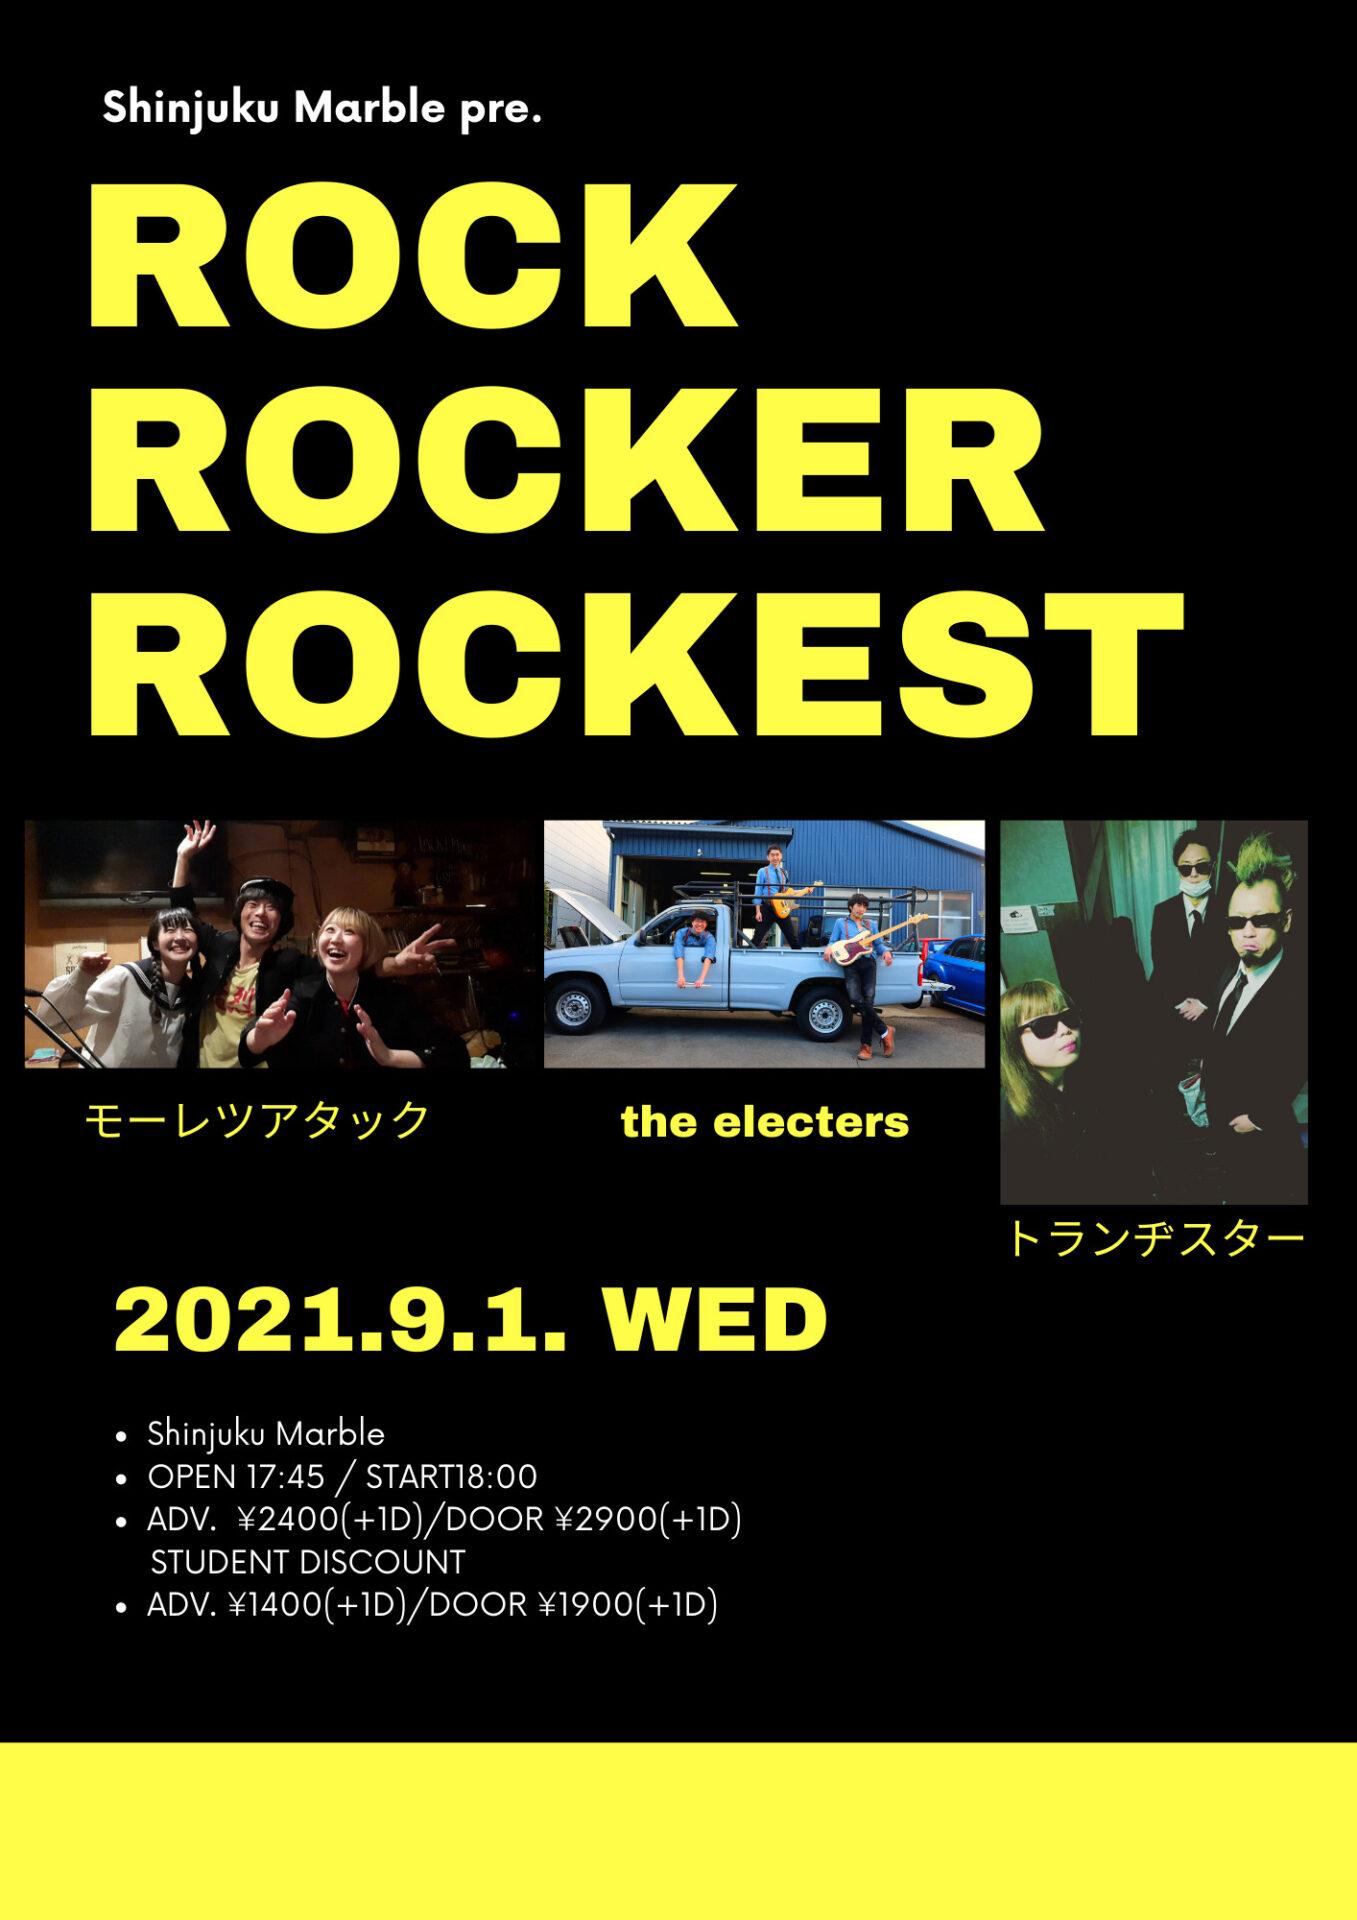 ROCK ROKER ROCKEST